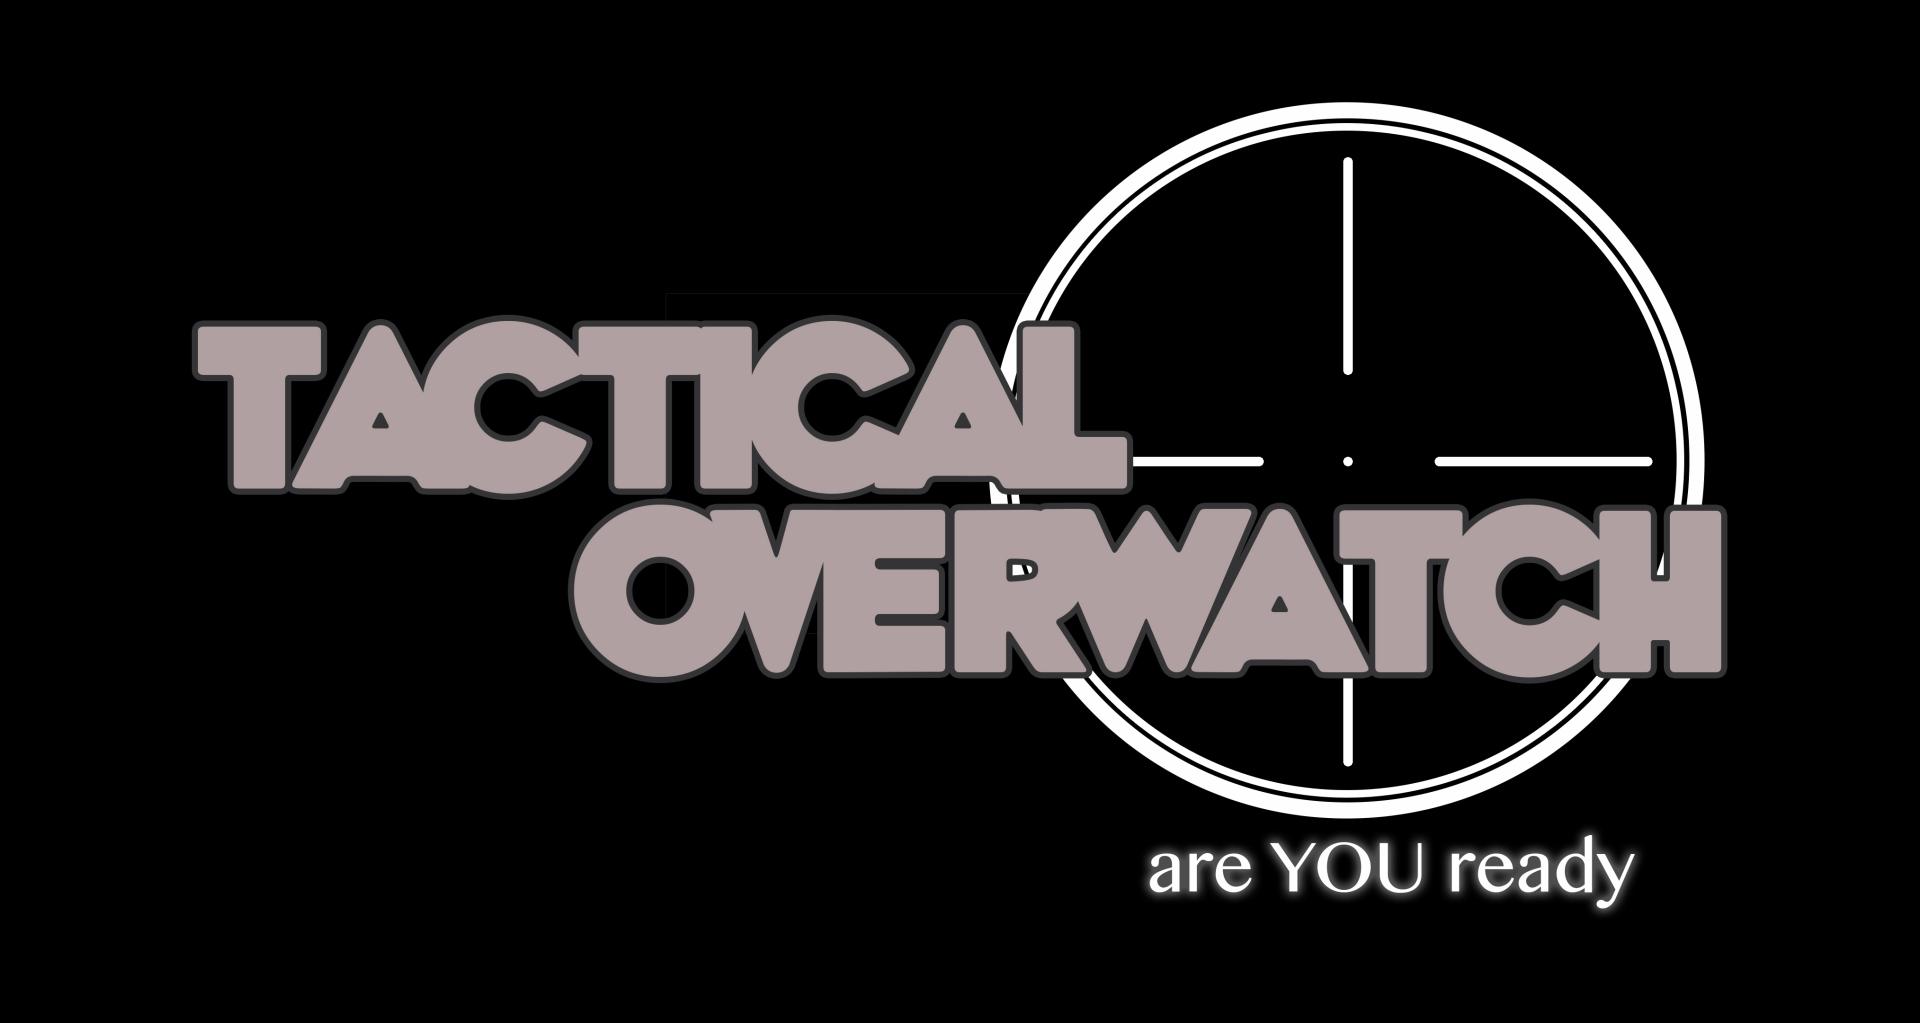 Tactical Overwatch logo